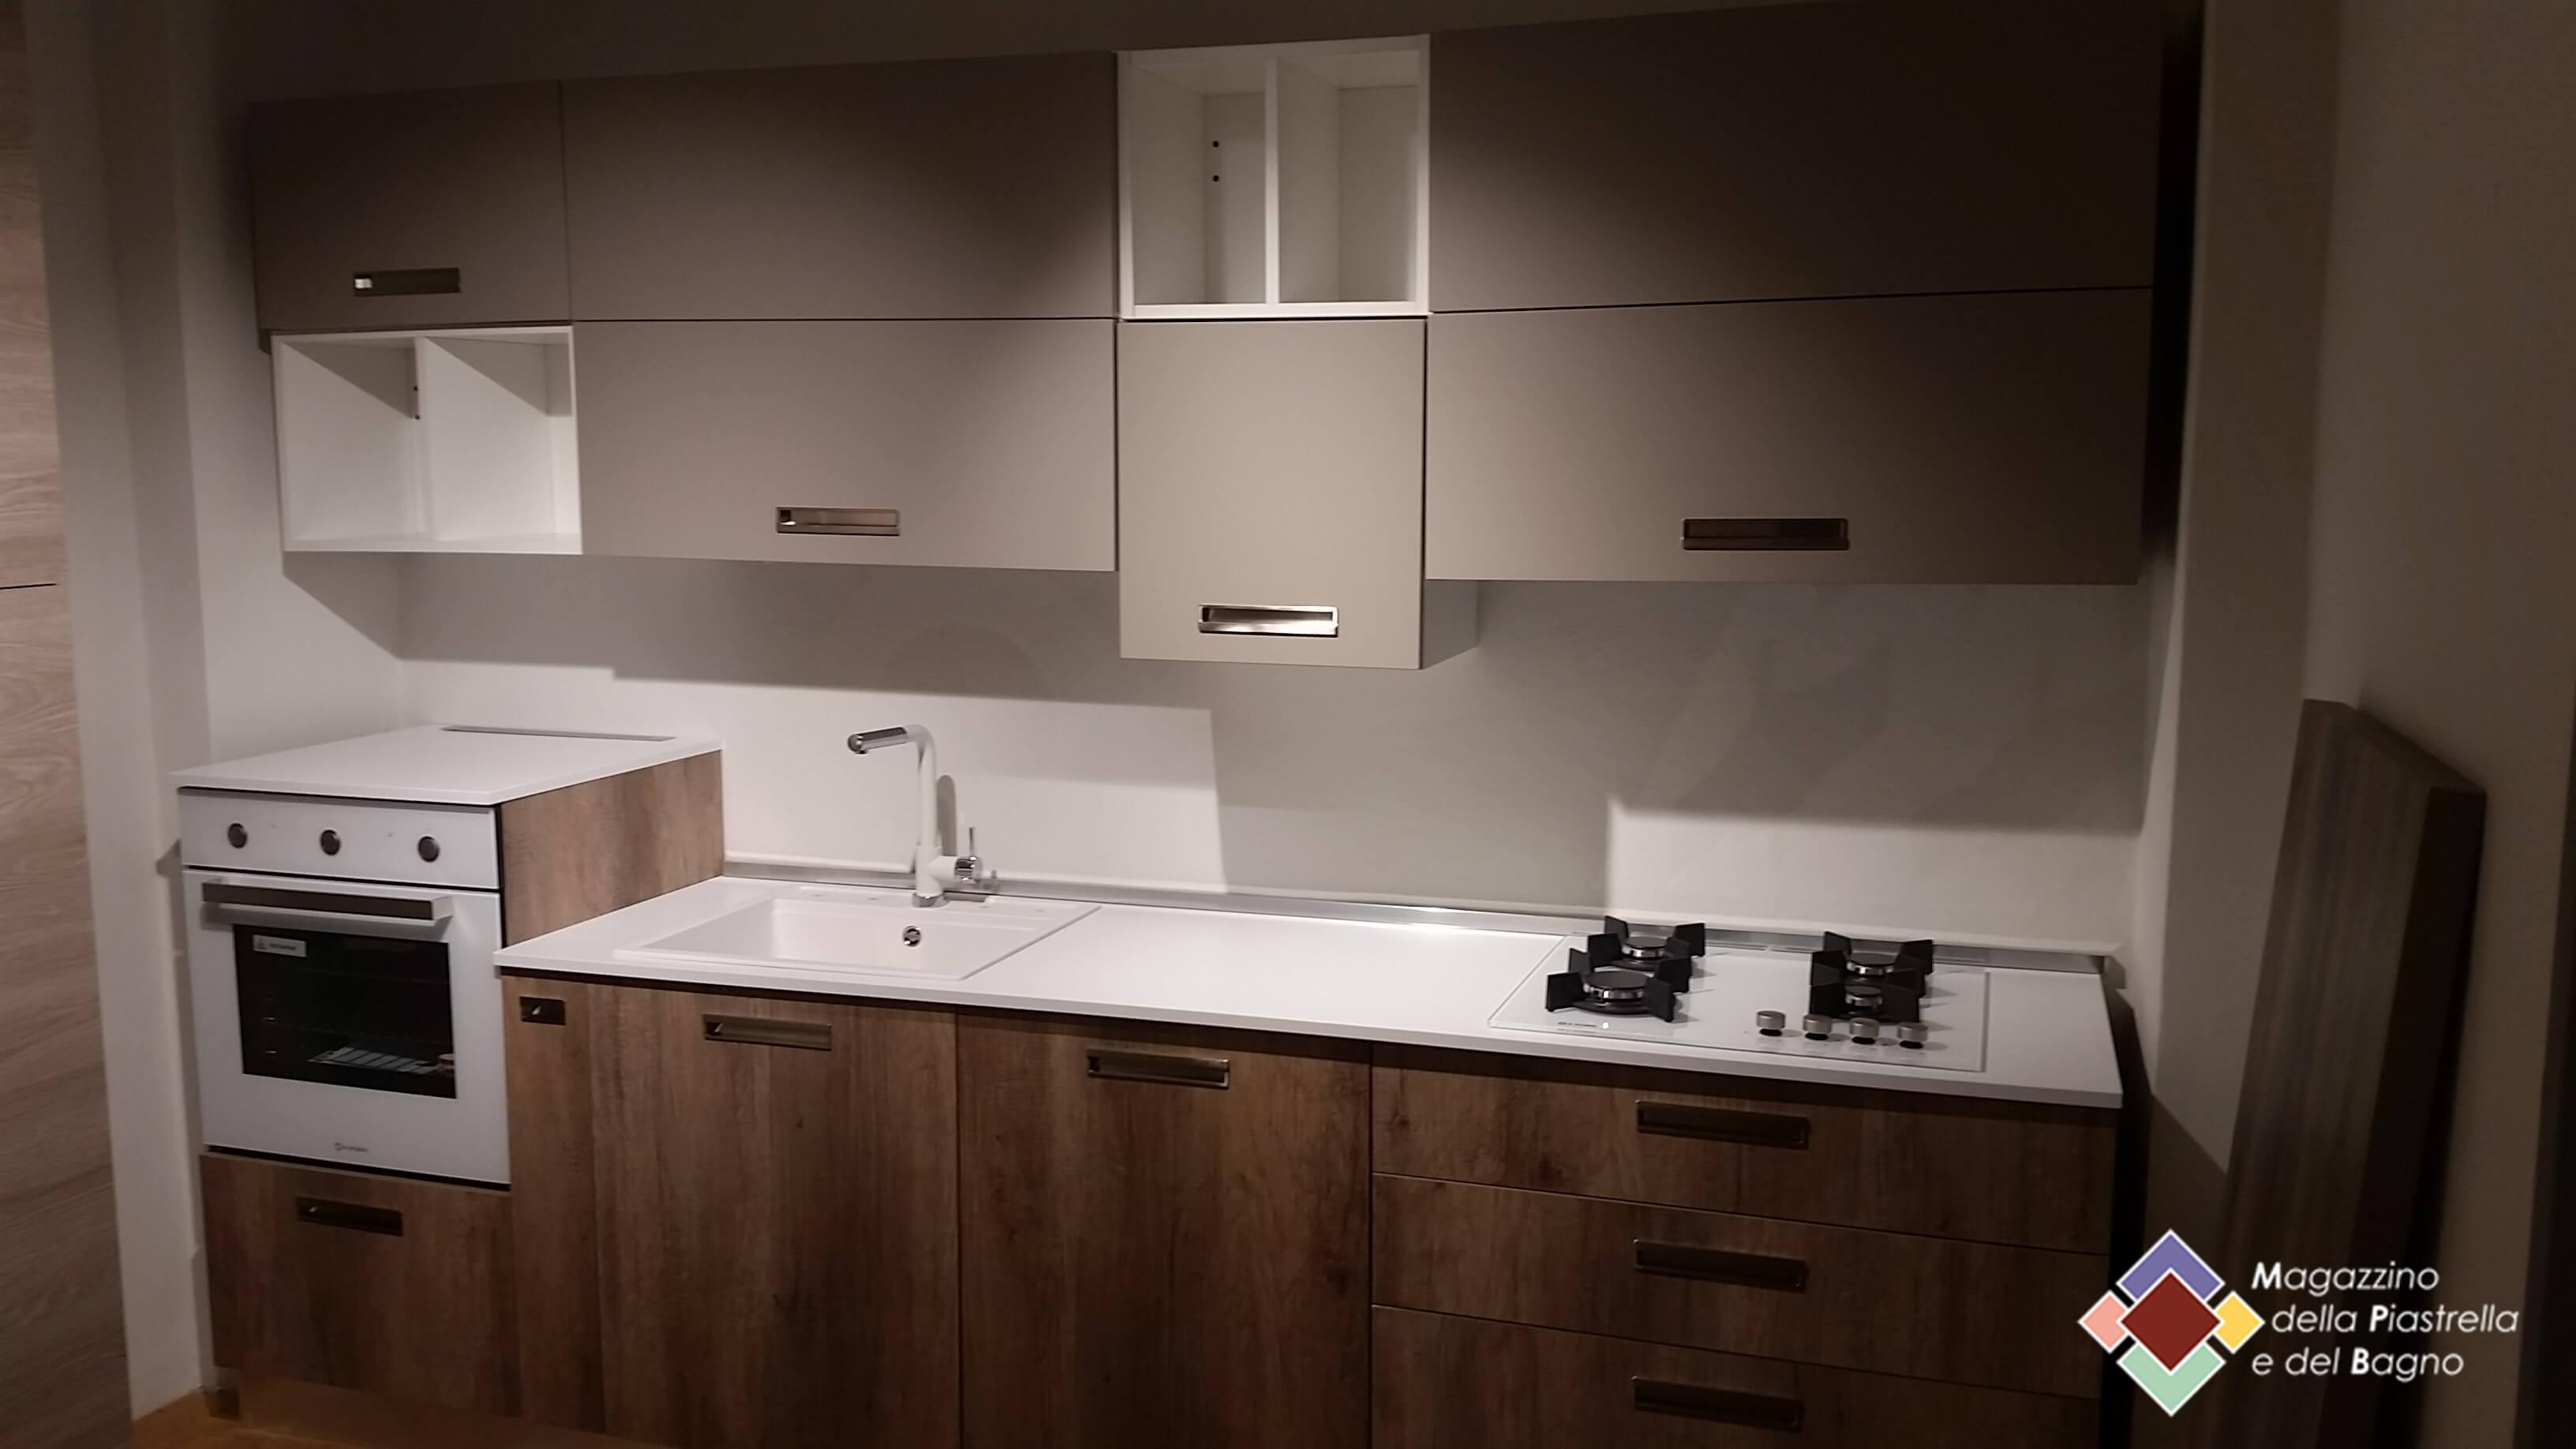 Soluzioni cucine u2013 magazzino della piastrella e del bagnou003c